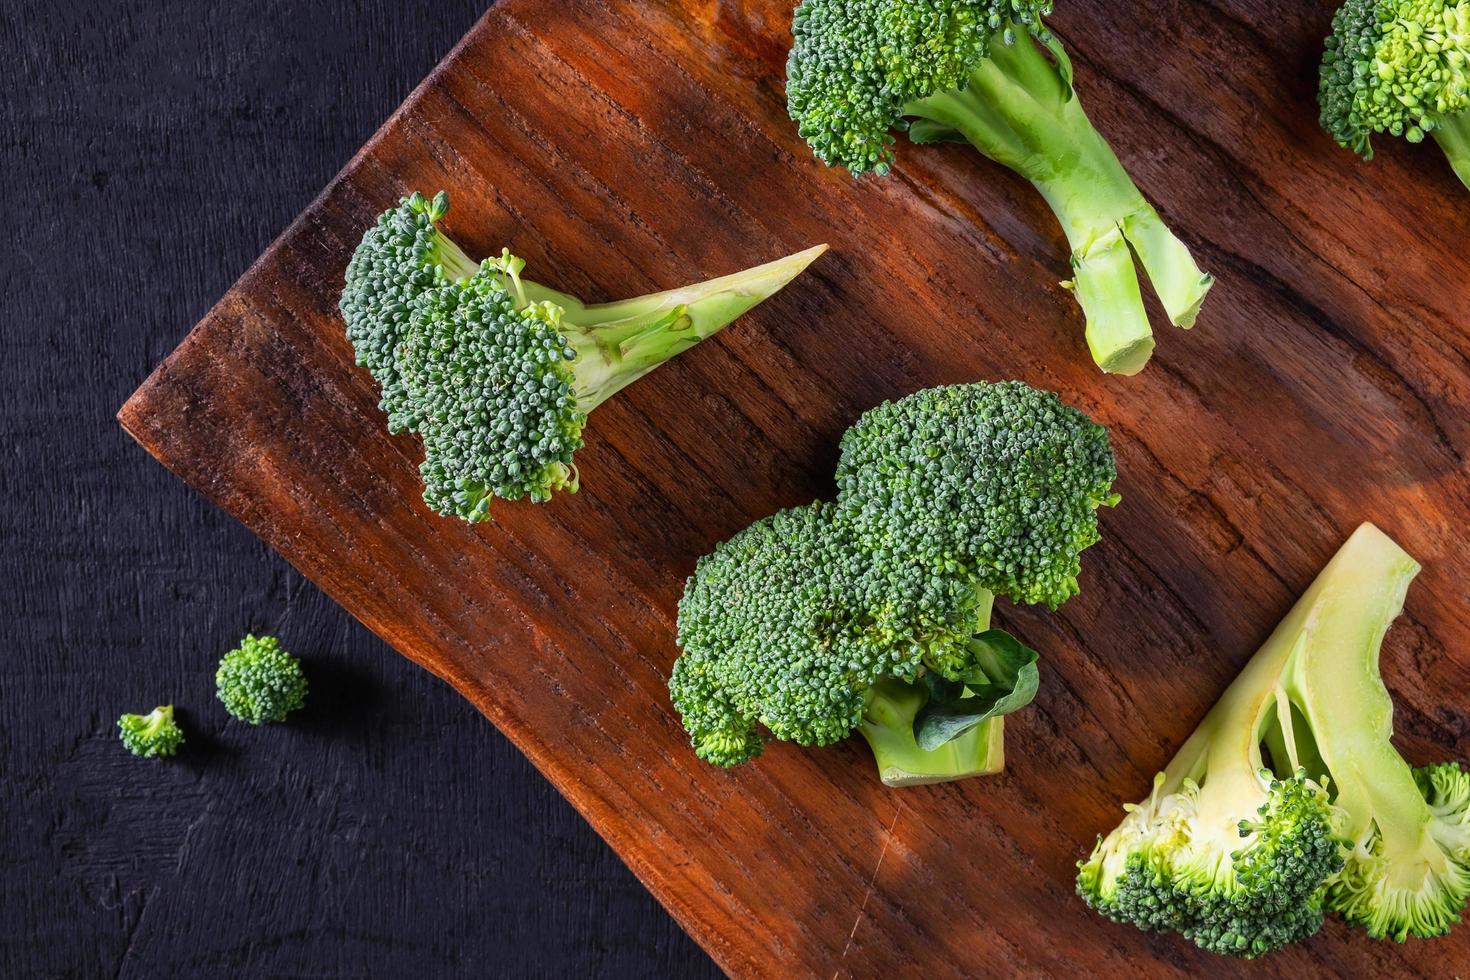 brocoli frais sur une planche à découper en bois photo